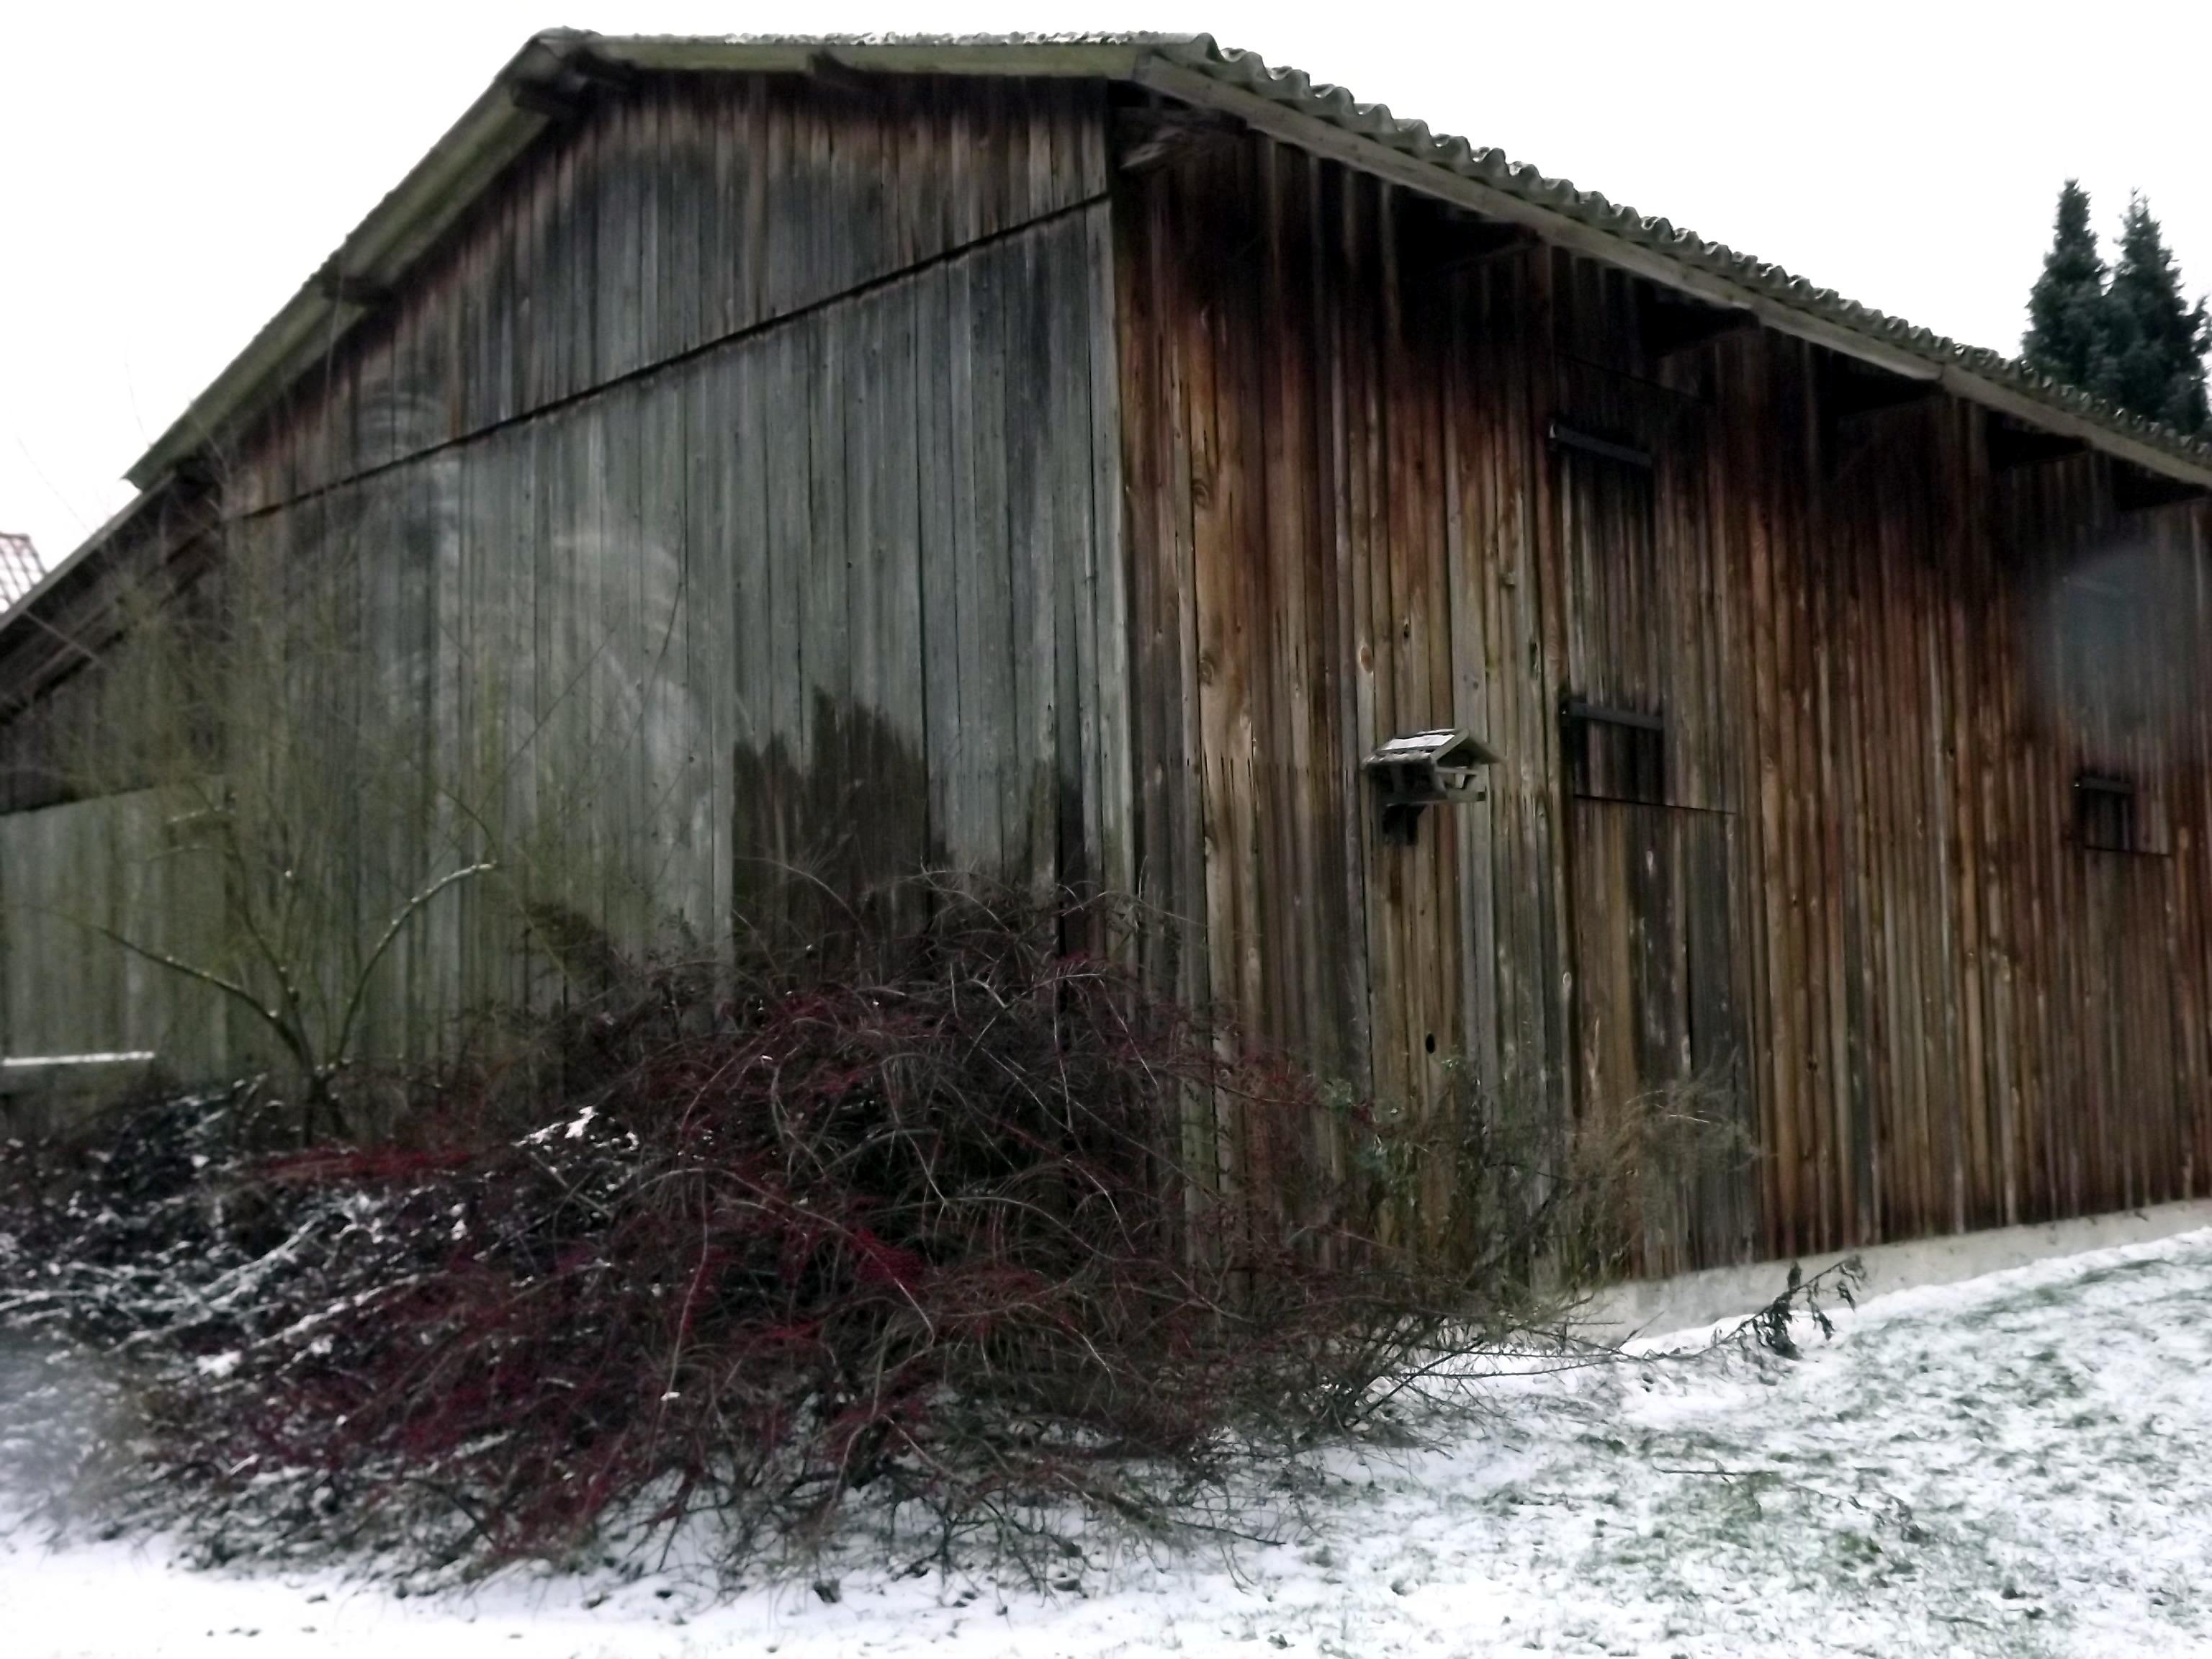 scheune-im-schnee